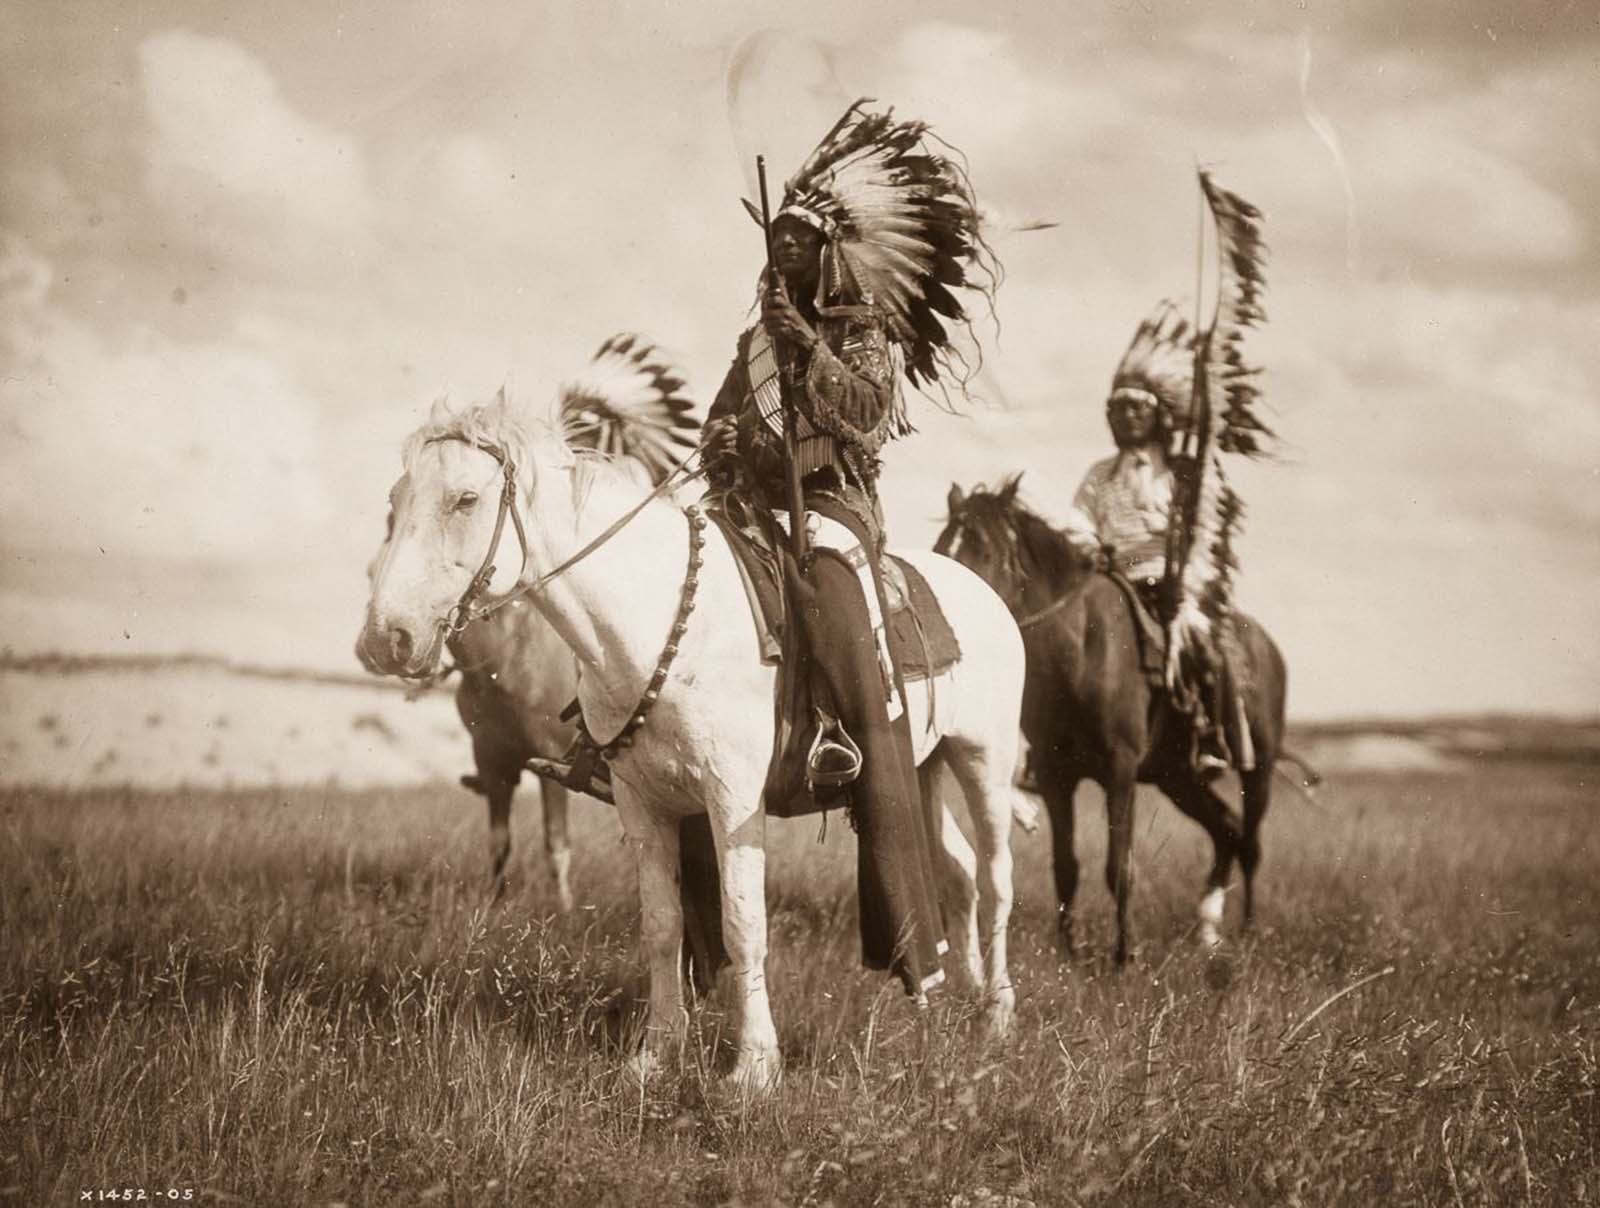 Sioux chiefs. 1905.